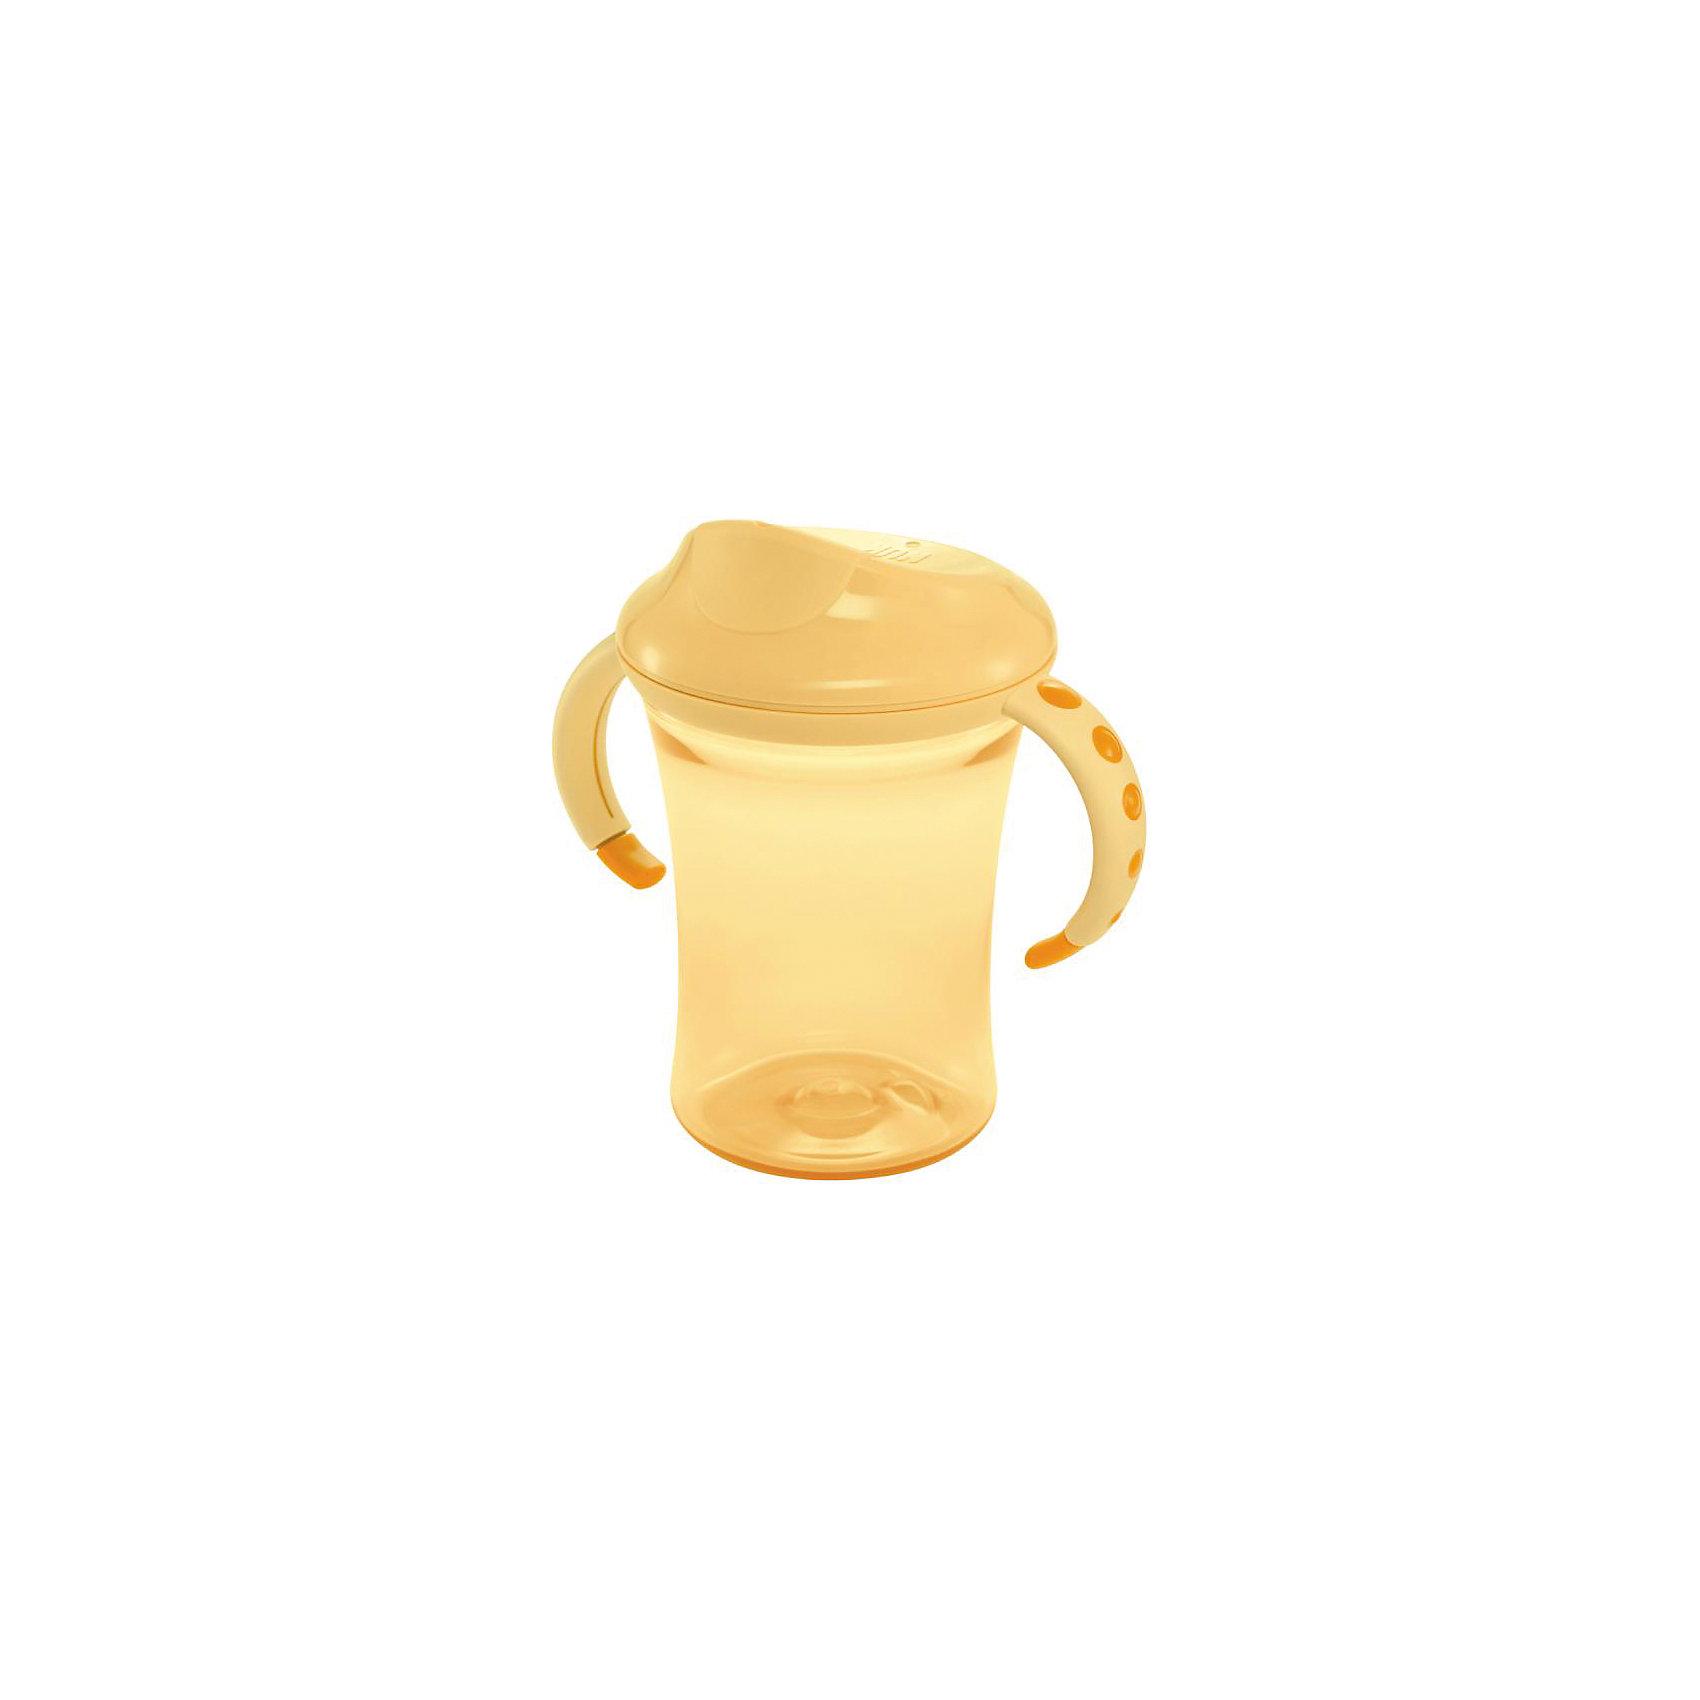 Поильник 2 с насадкой и ручками Easy Learning 275 мл. с 10 мес., NUK, желтыйПоильник 2 с пластиковой насадкой и ручками Easy Learning 275 мл. с 10 мес. от немецкого производителя высококачественных товаров для новорожденных NUK (Нук). Эта оригинальная бутылочка с насадкой-носиком для питья поможет перейти от бутылочек к самостоятельному питью. Специальный пищевой пластик сочетает в себе безопасность и прочность, благодаря дополнительной устойчивости. Пластиковая насадка не позволит жидкости вылиться из бутылочки. Красивый дизайн понравится малышу, а специальные не скользящие ручки поильника будут удобна для детских ручек. Превосходное качество и безопасность для вашего малыша.<br><br><br>Дополнительная информация:<br><br>- Материал: пластик<br>- Объем: 275 мл. <br><br>Поильник 2 с пластиковой насадкой и ручками Easy Learning 275 мл. с 10 мес., NUK (Нук) можно купить в нашем интернет-магазине.<br>Подробнее:<br>• Для детей в возрасте: от 10 месяцев<br>• Номер товара: 4998413<br>Страна производитель: Германия<br><br>Ширина мм: 70<br>Глубина мм: 50<br>Высота мм: 70<br>Вес г: 100<br>Возраст от месяцев: 10<br>Возраст до месяцев: 36<br>Пол: Унисекс<br>Возраст: Детский<br>SKU: 5237157